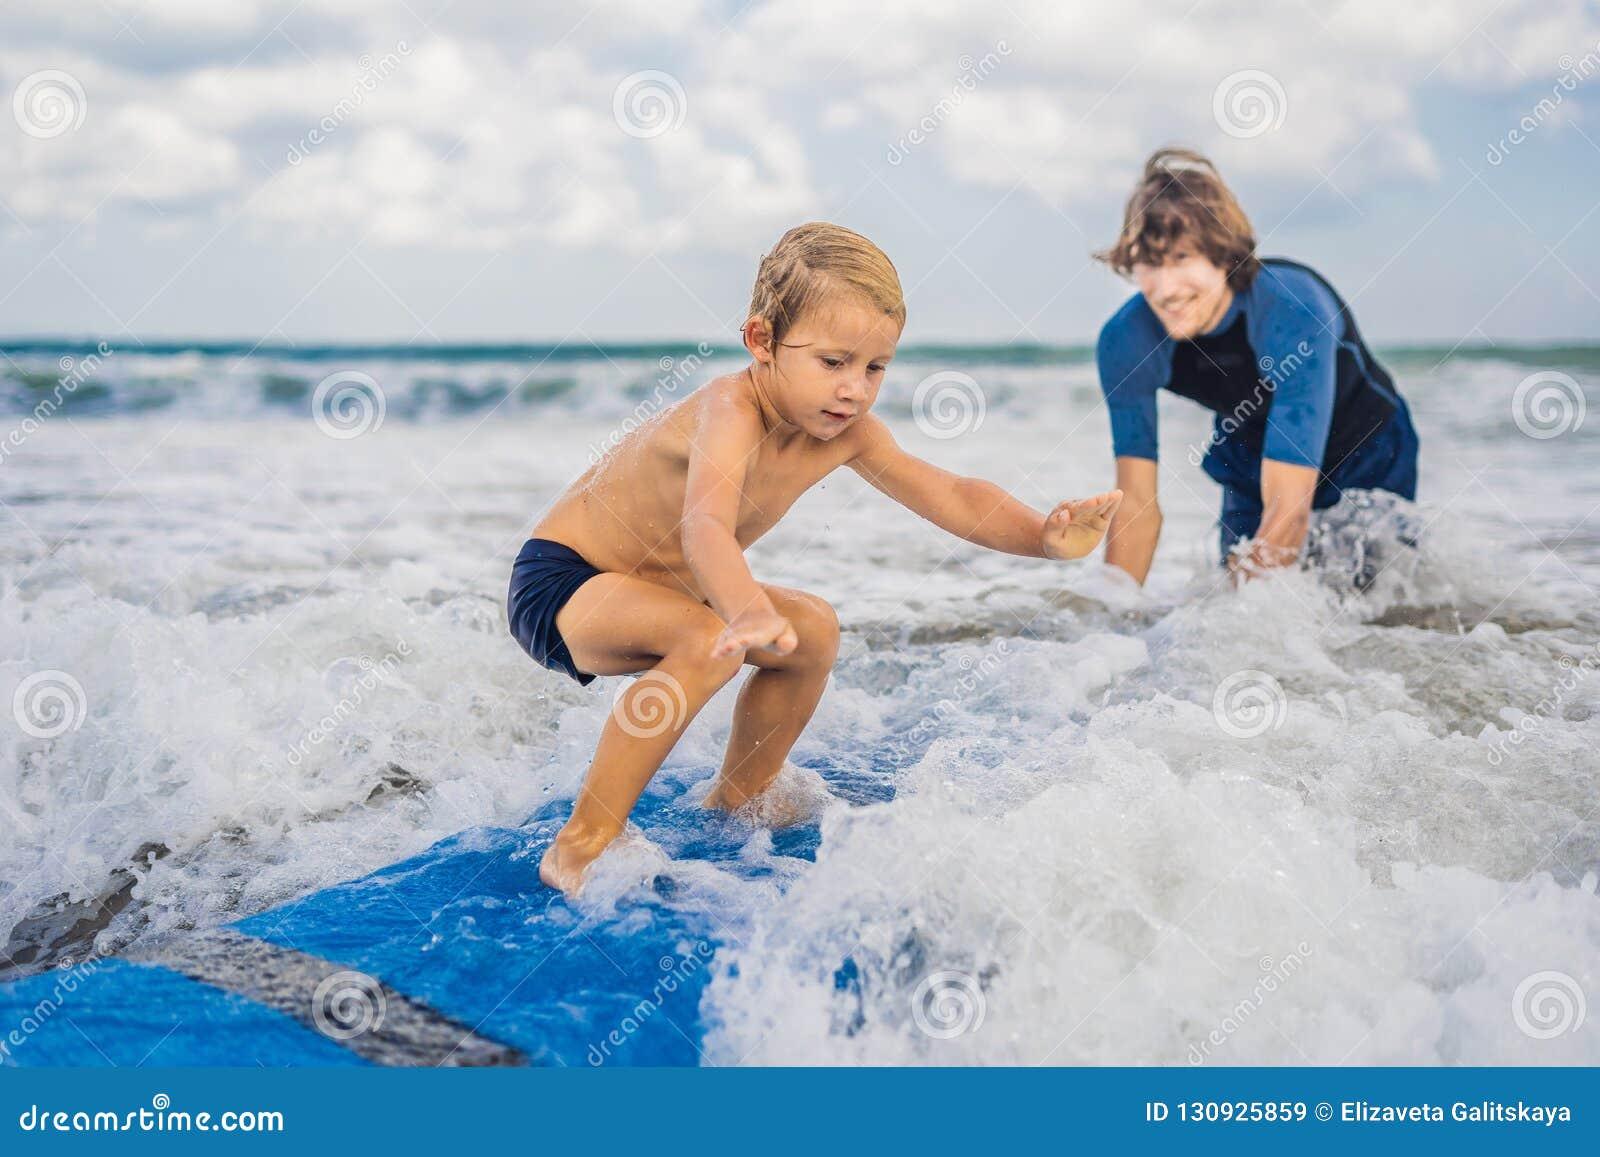 Père ou instructeur enseignant à ses 4 le fils an comment surfer dedans